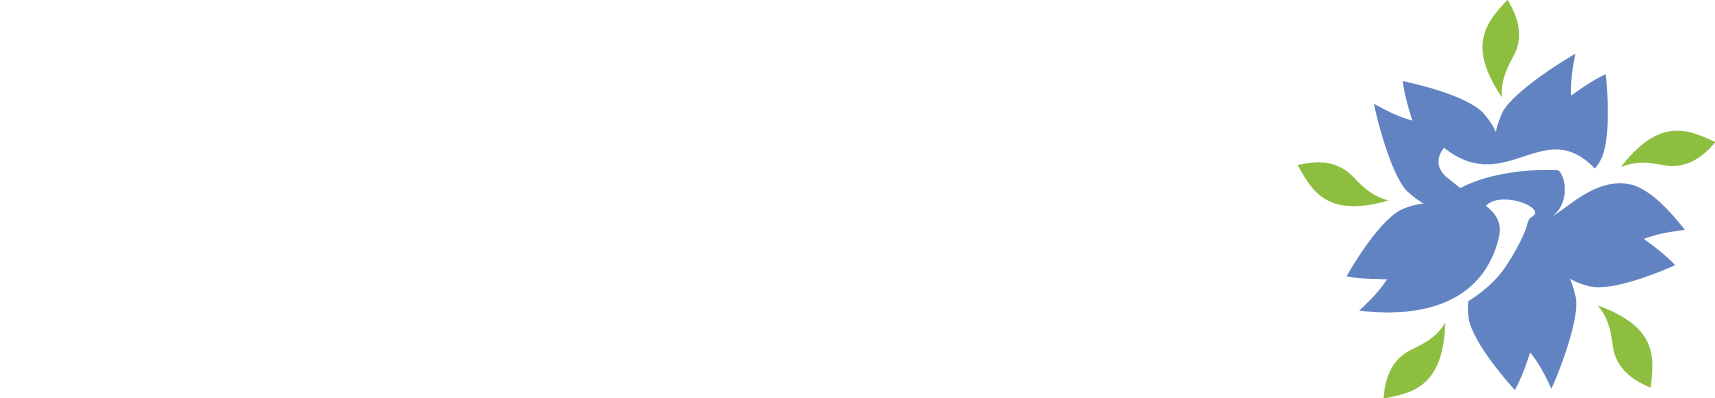 Stowarzyszenie Animatsuri